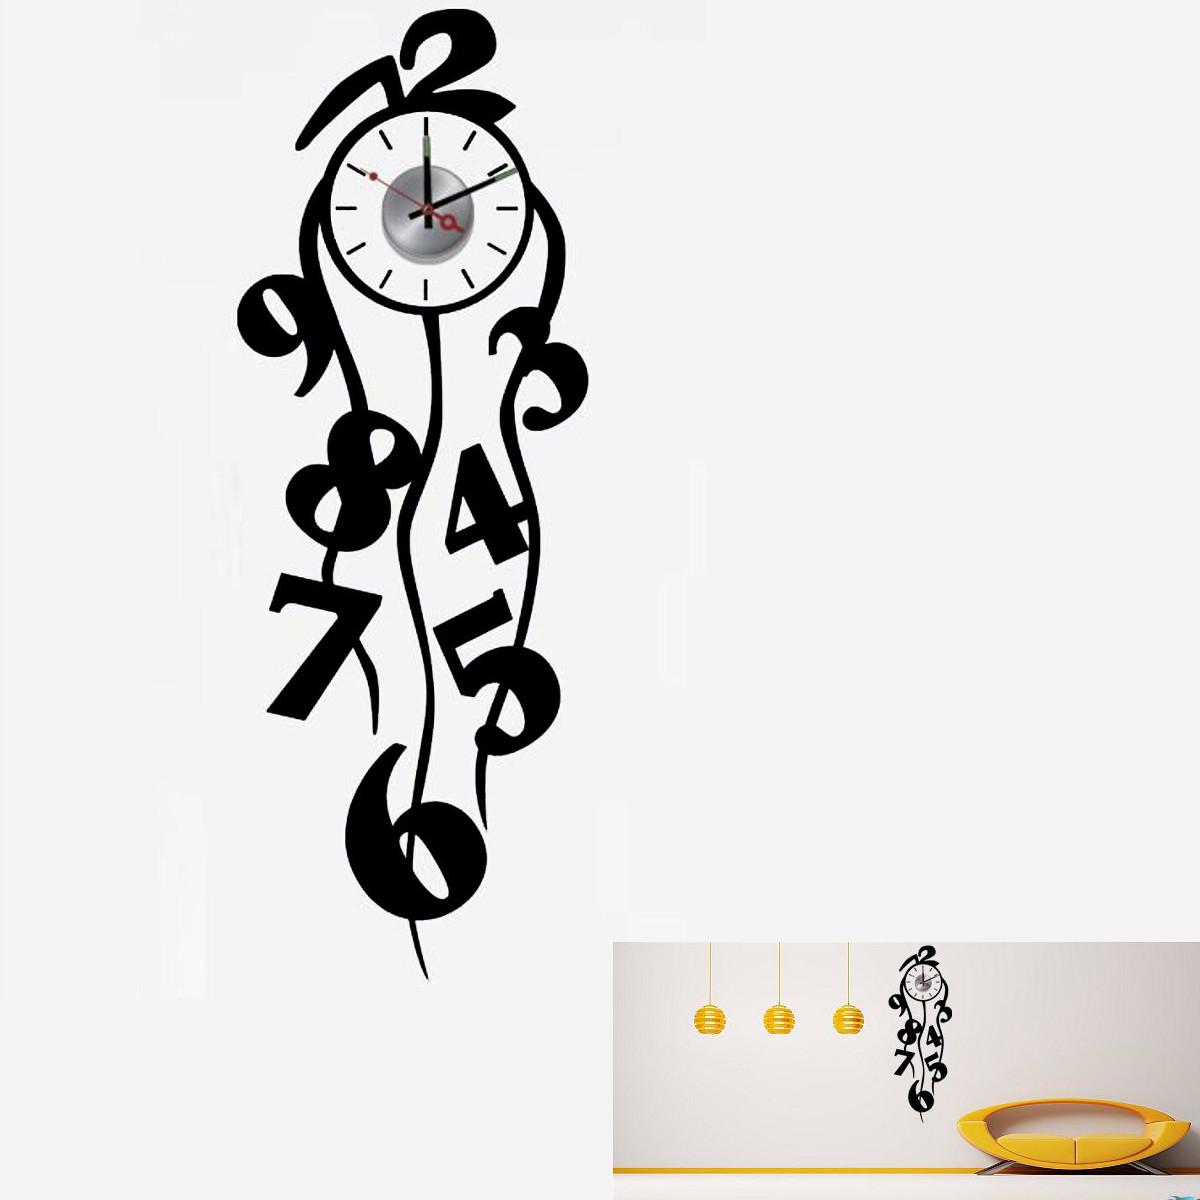 Adesivo orologio da parete removable numbers sticker wall for Orologio stickers